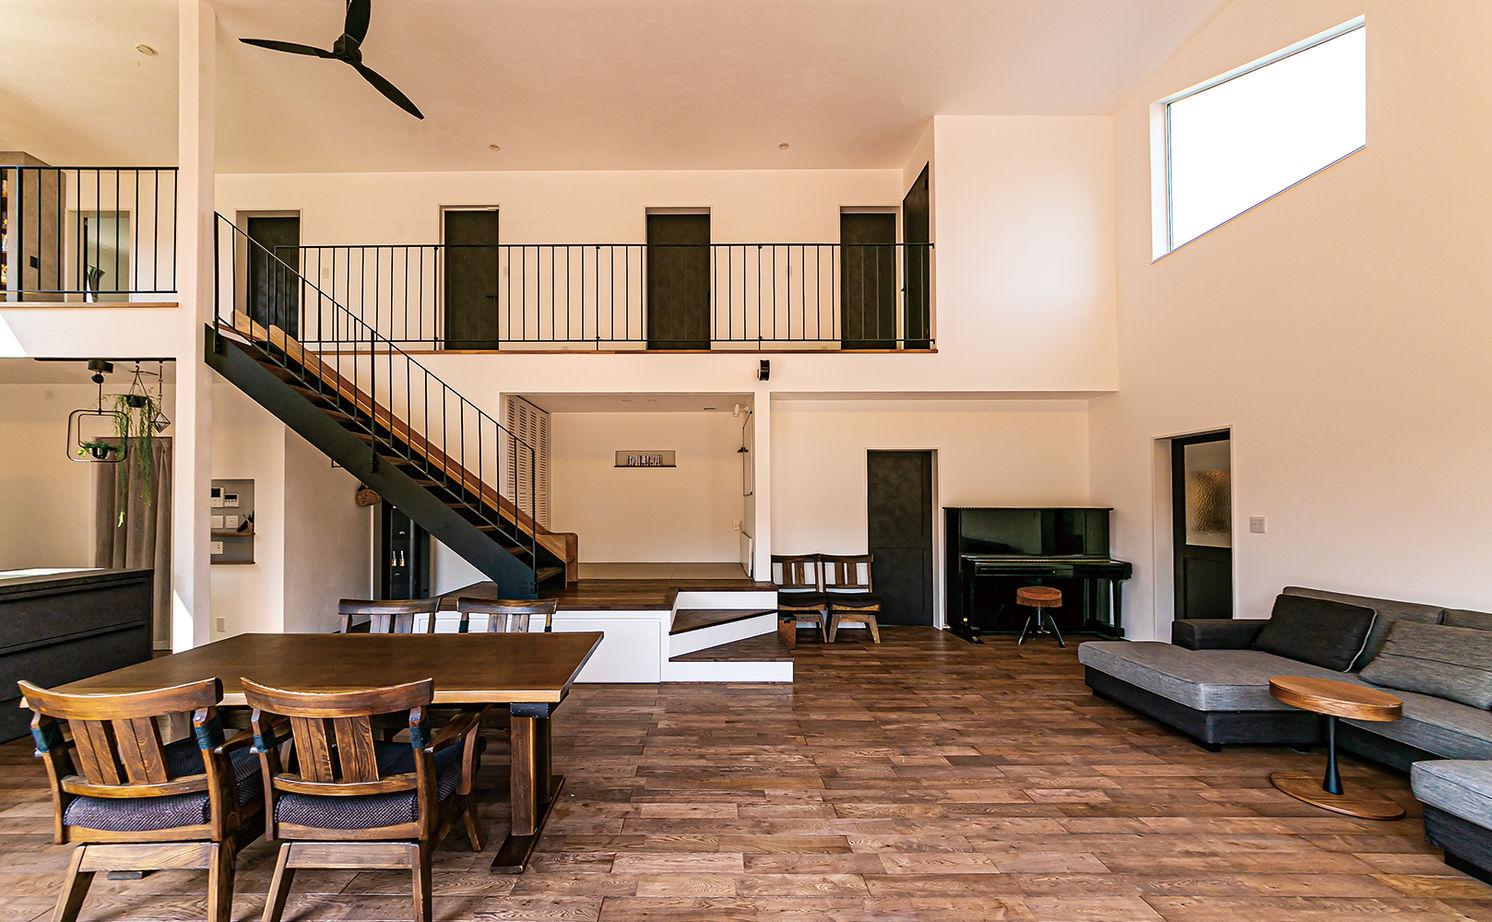 漆喰に包まれた大空間リビングと憧れの滑り台のある住まい画像3